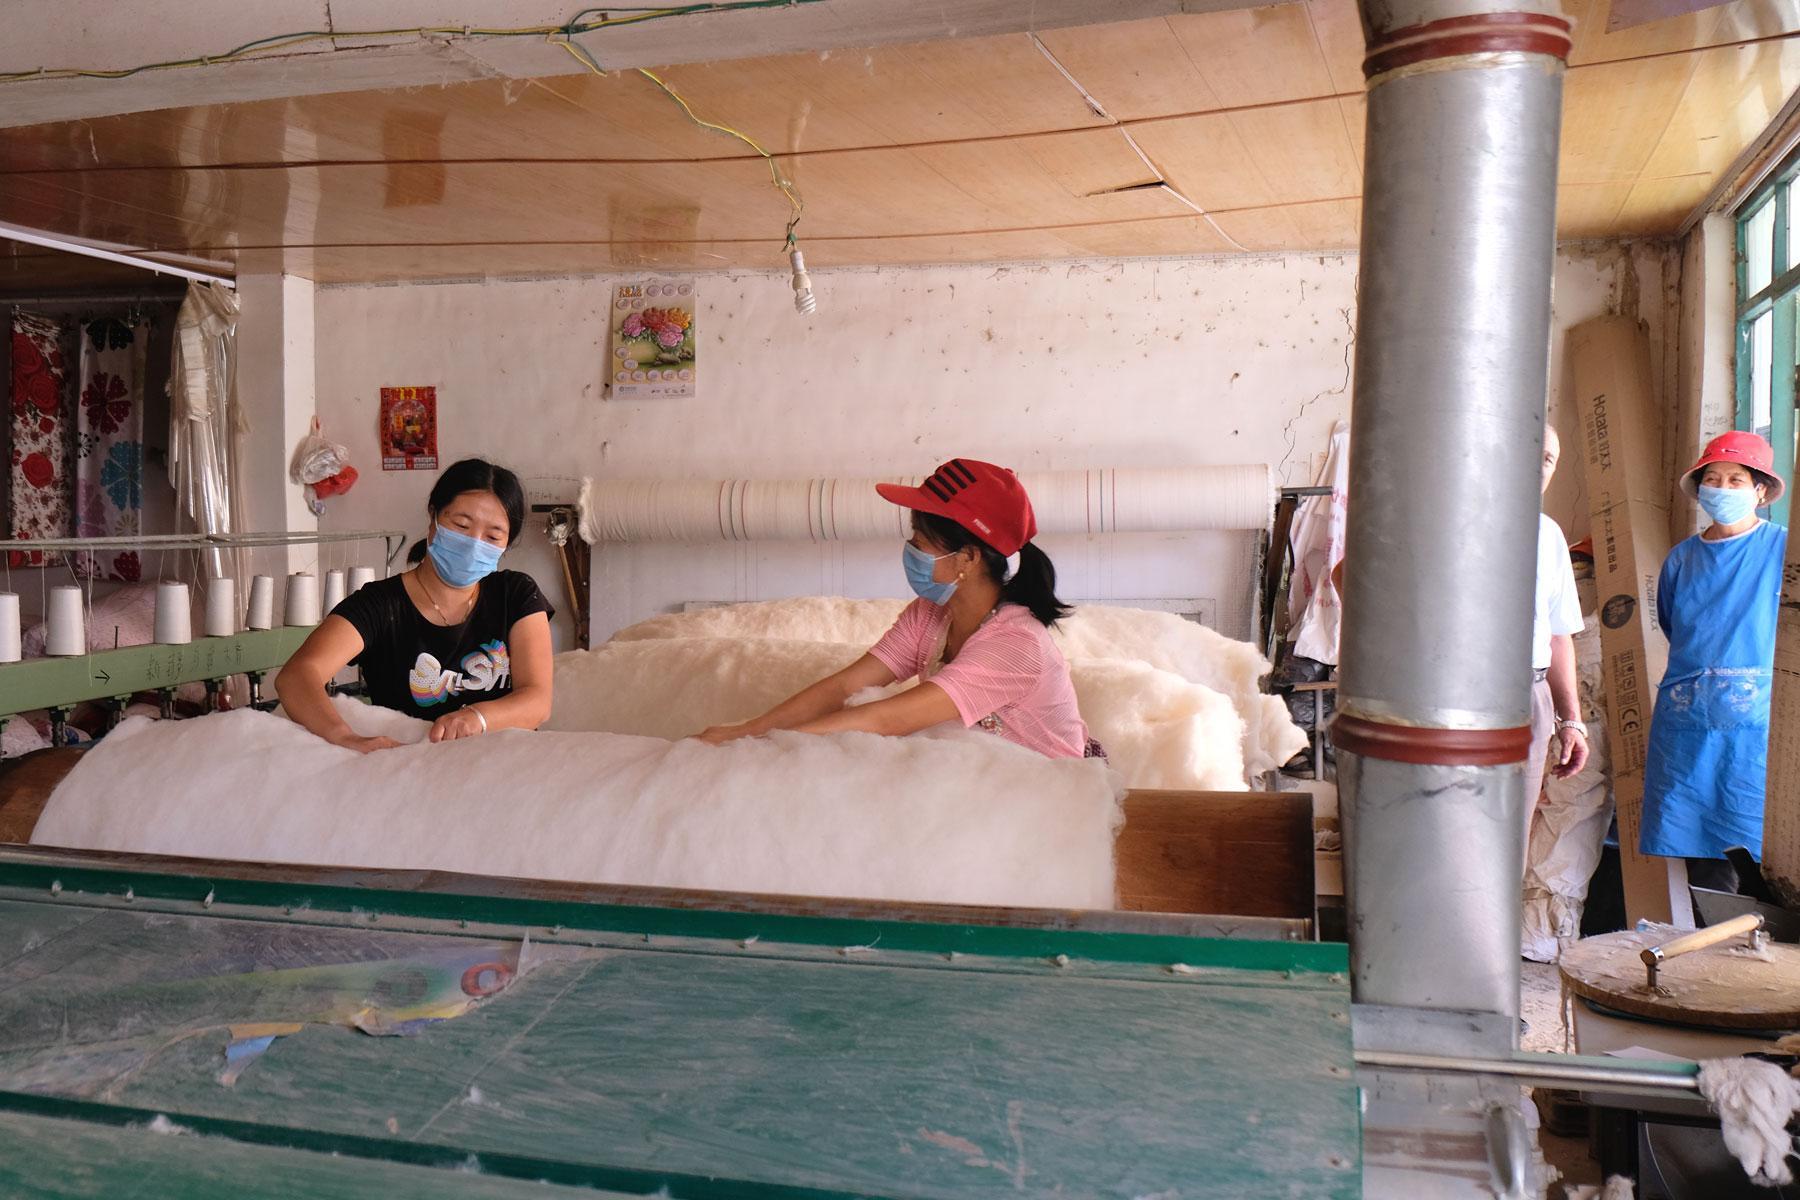 Zufällig stolpern wir in einen kleinen Raum, in dem zwei Frauen Baumwolle weiterverarbeiten